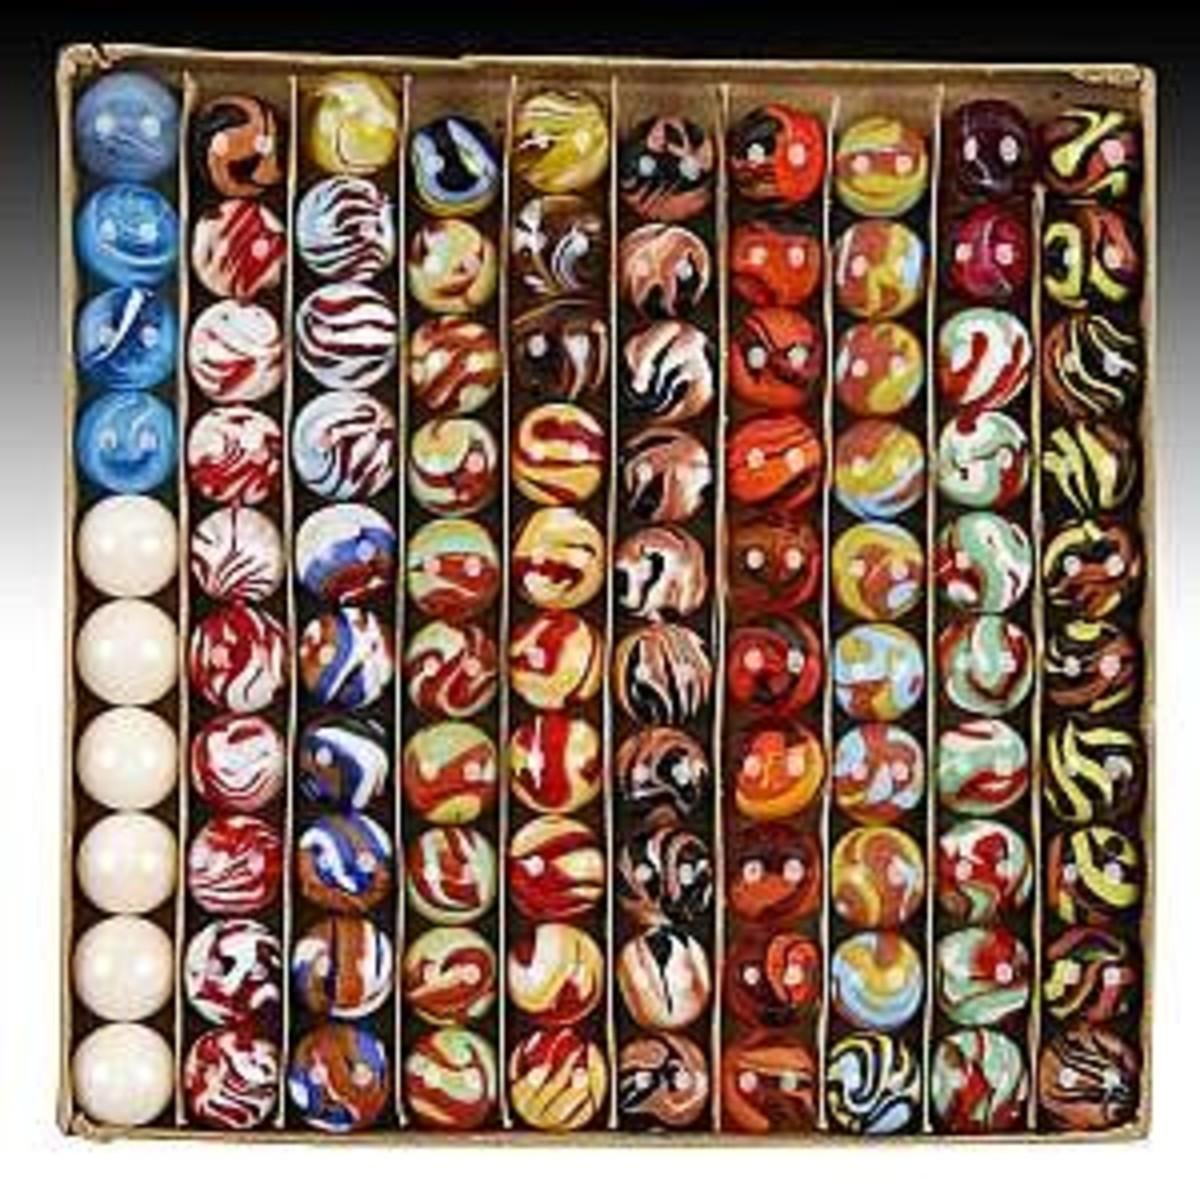 Selection of unique vintage marbles.